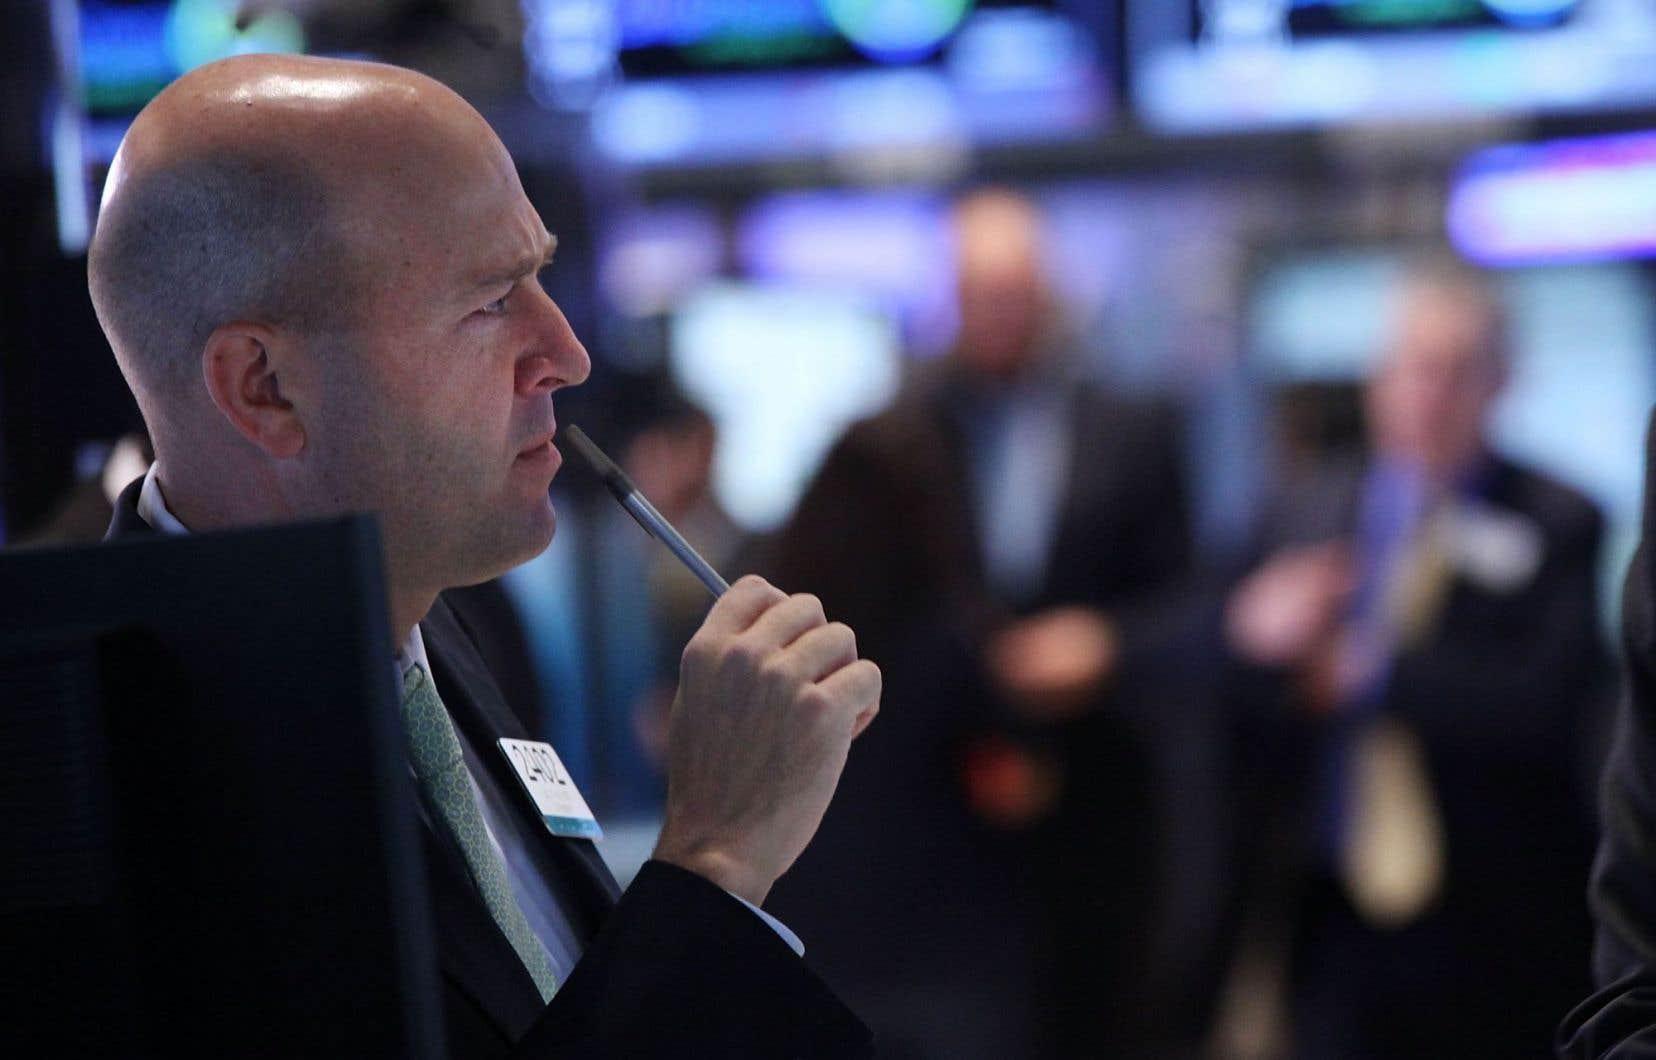 Sur le parquet de la Bourse de New York, un courtier semble s'interroger sur l'interprétation qu'il faut donner aux propos récents de plusieurs responsables de la Banque centrale américaine.